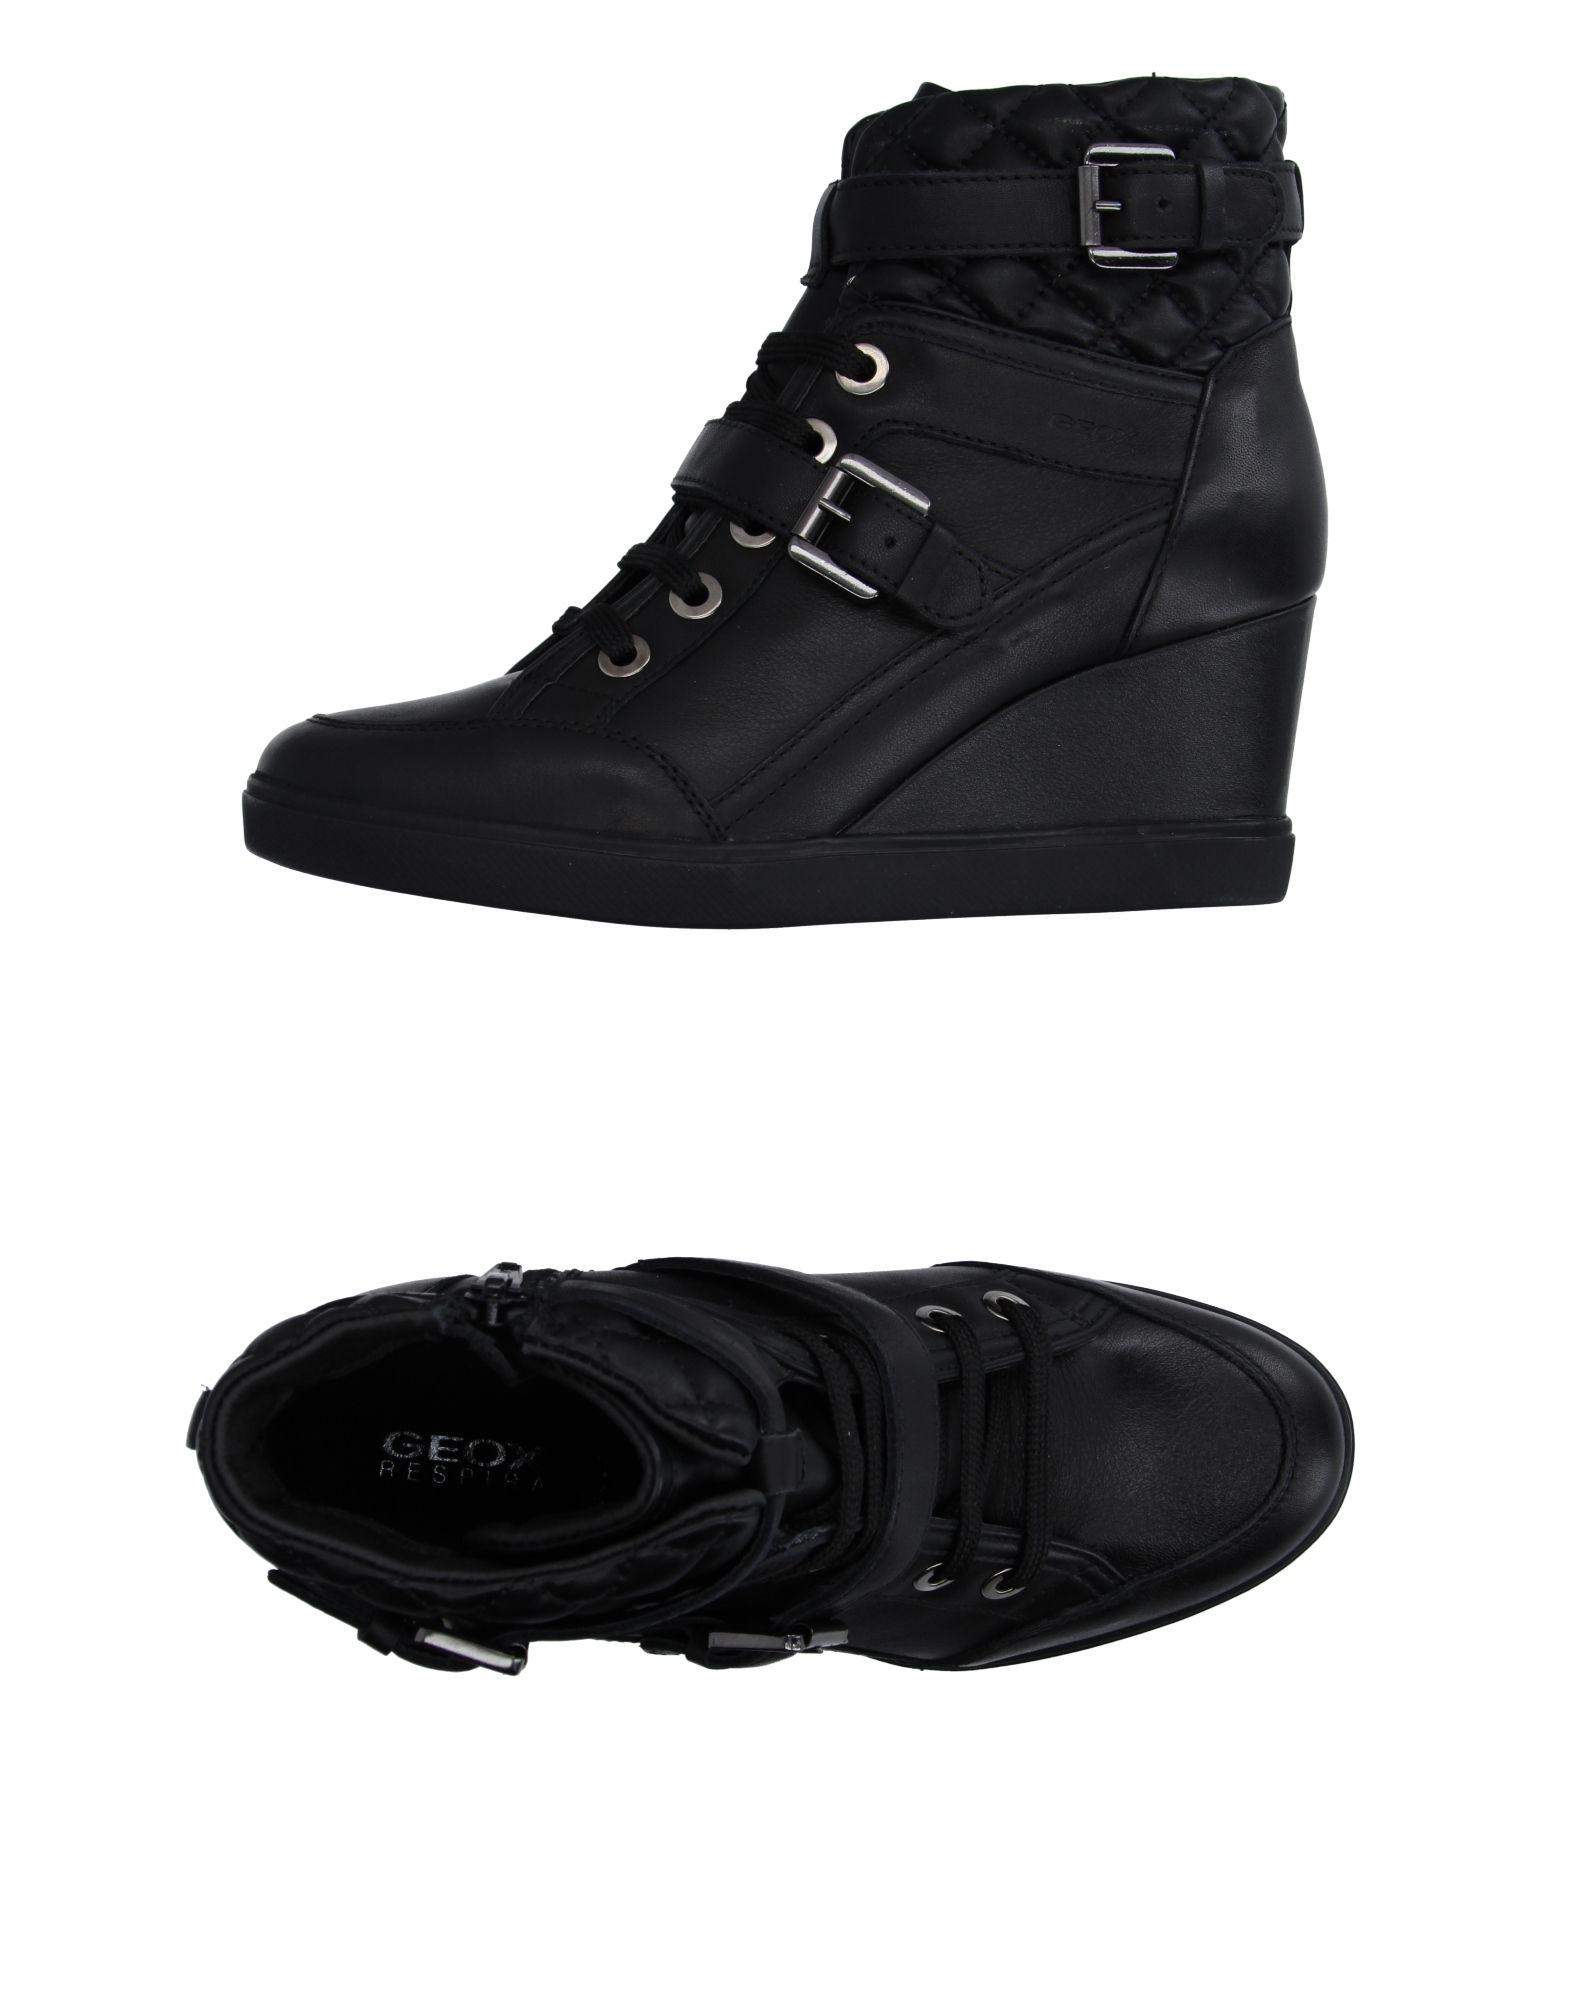 Scarpe economiche e resistenti Sneakers Geox Donna - 11110930VR